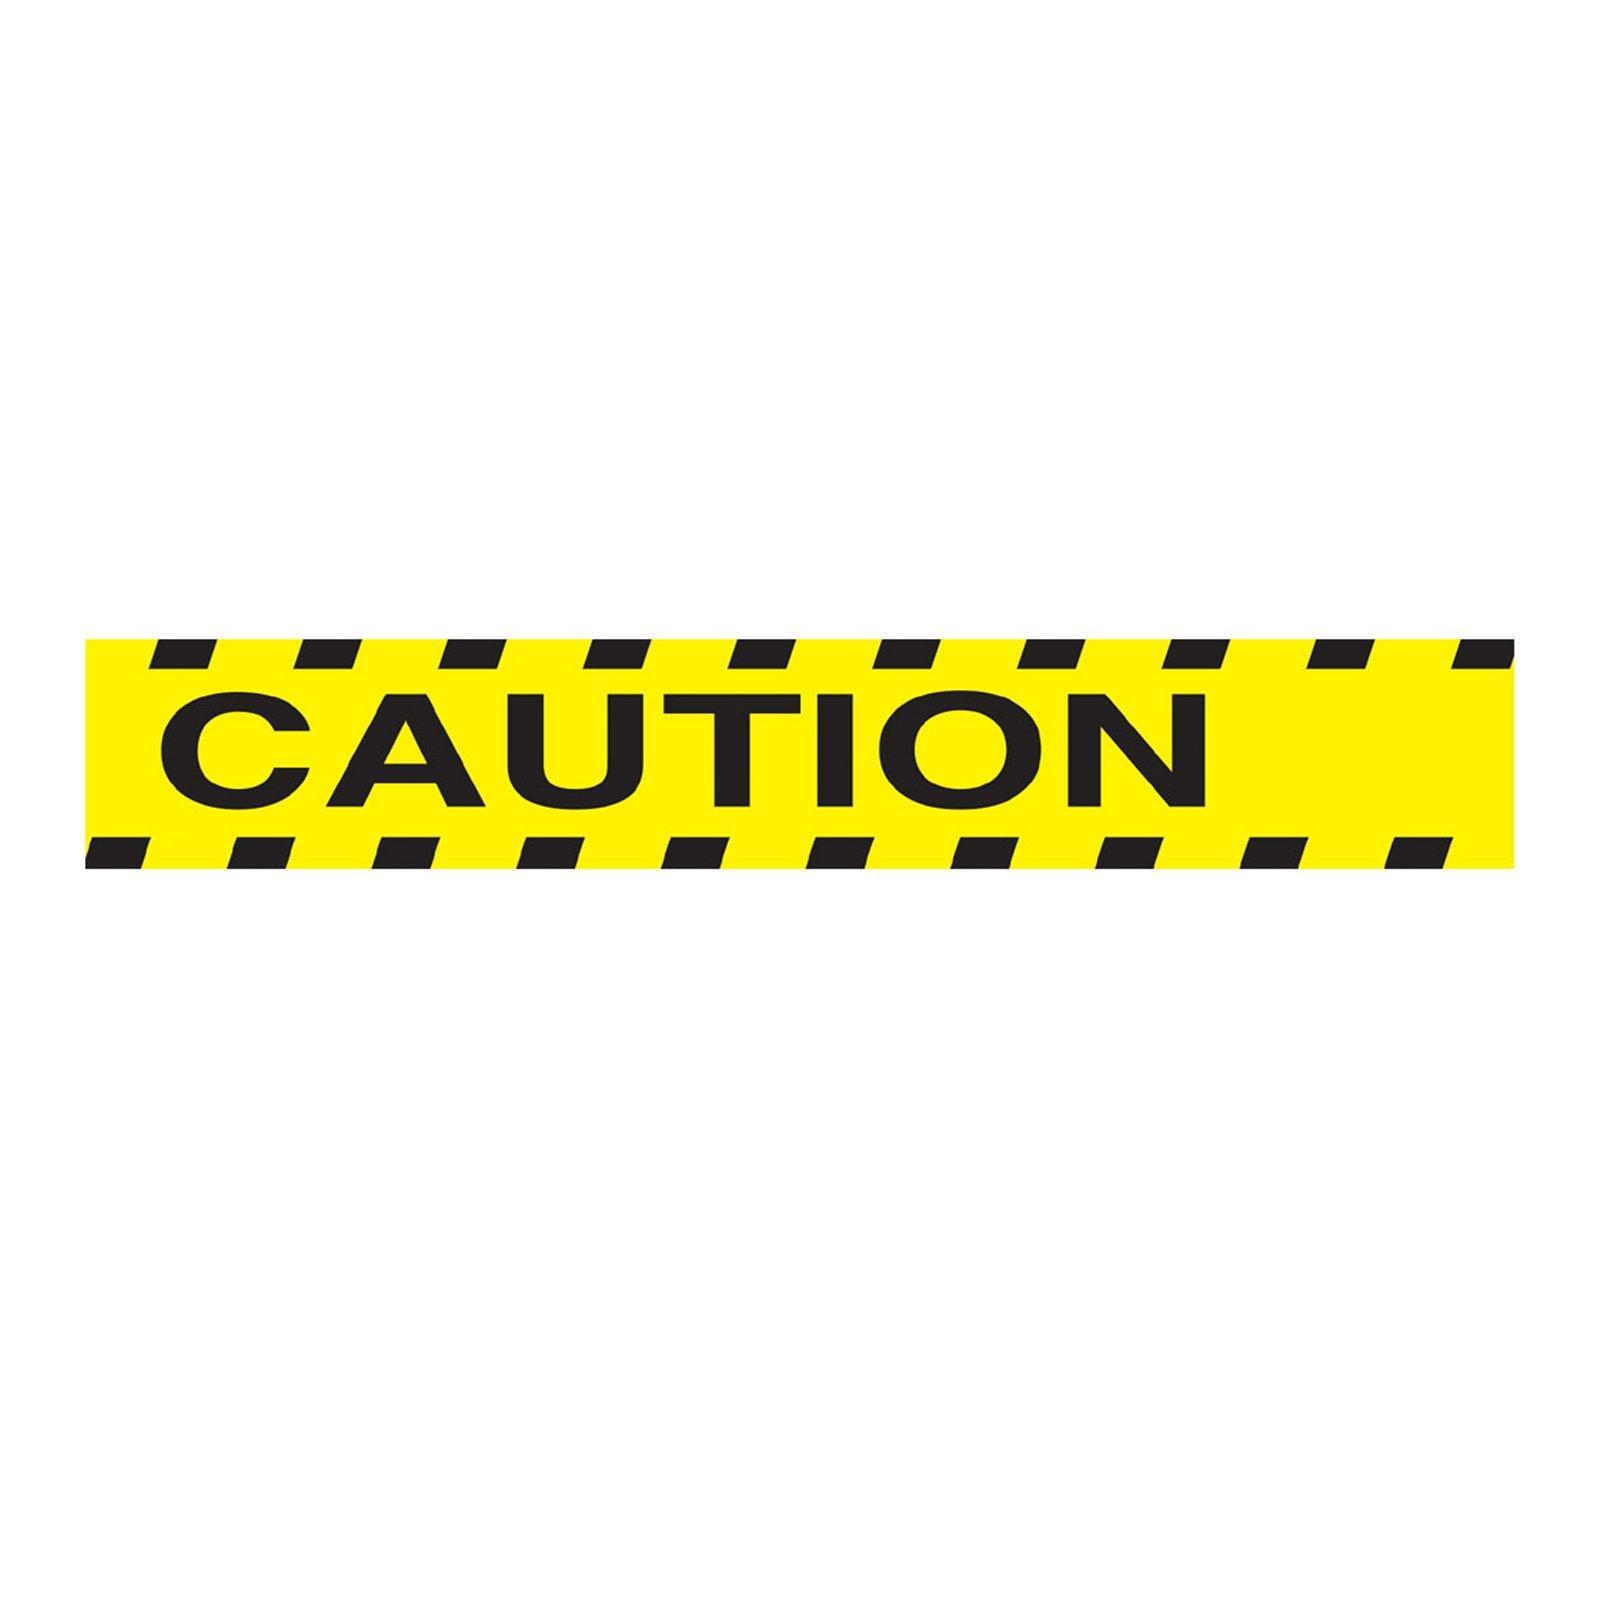 1600x1600 Caution Tape Clip Art